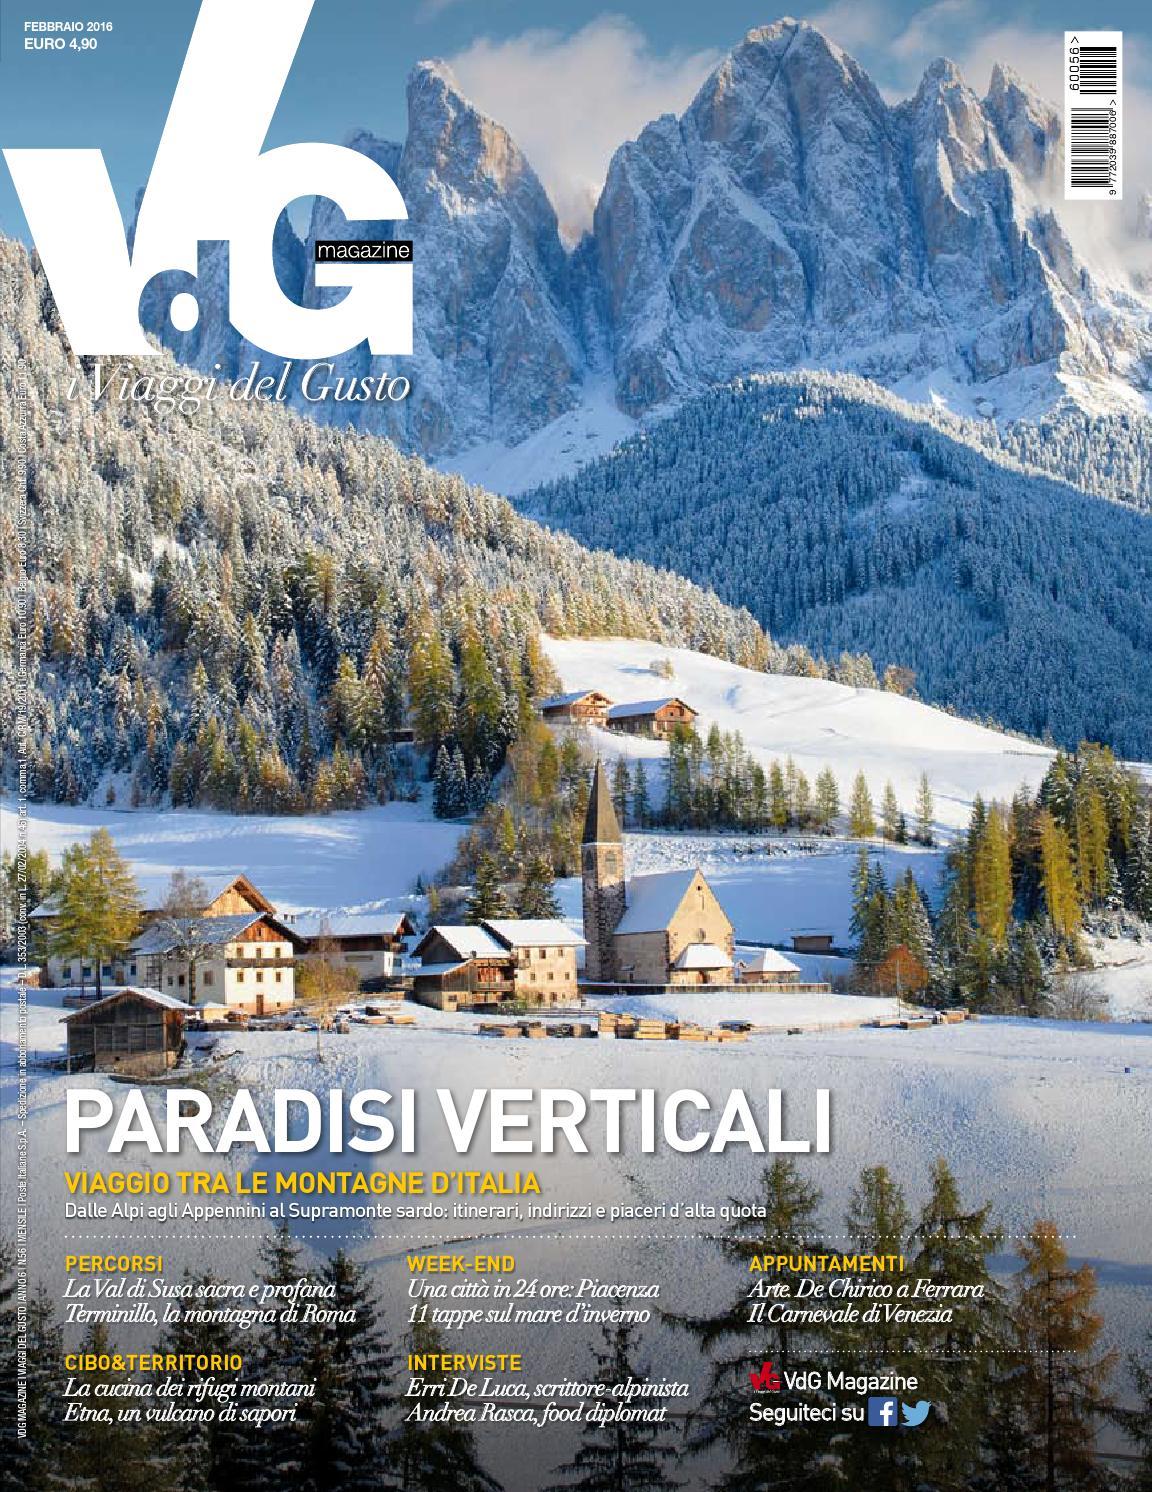 VdG febbraio 2016 by vdgmagazine issuu